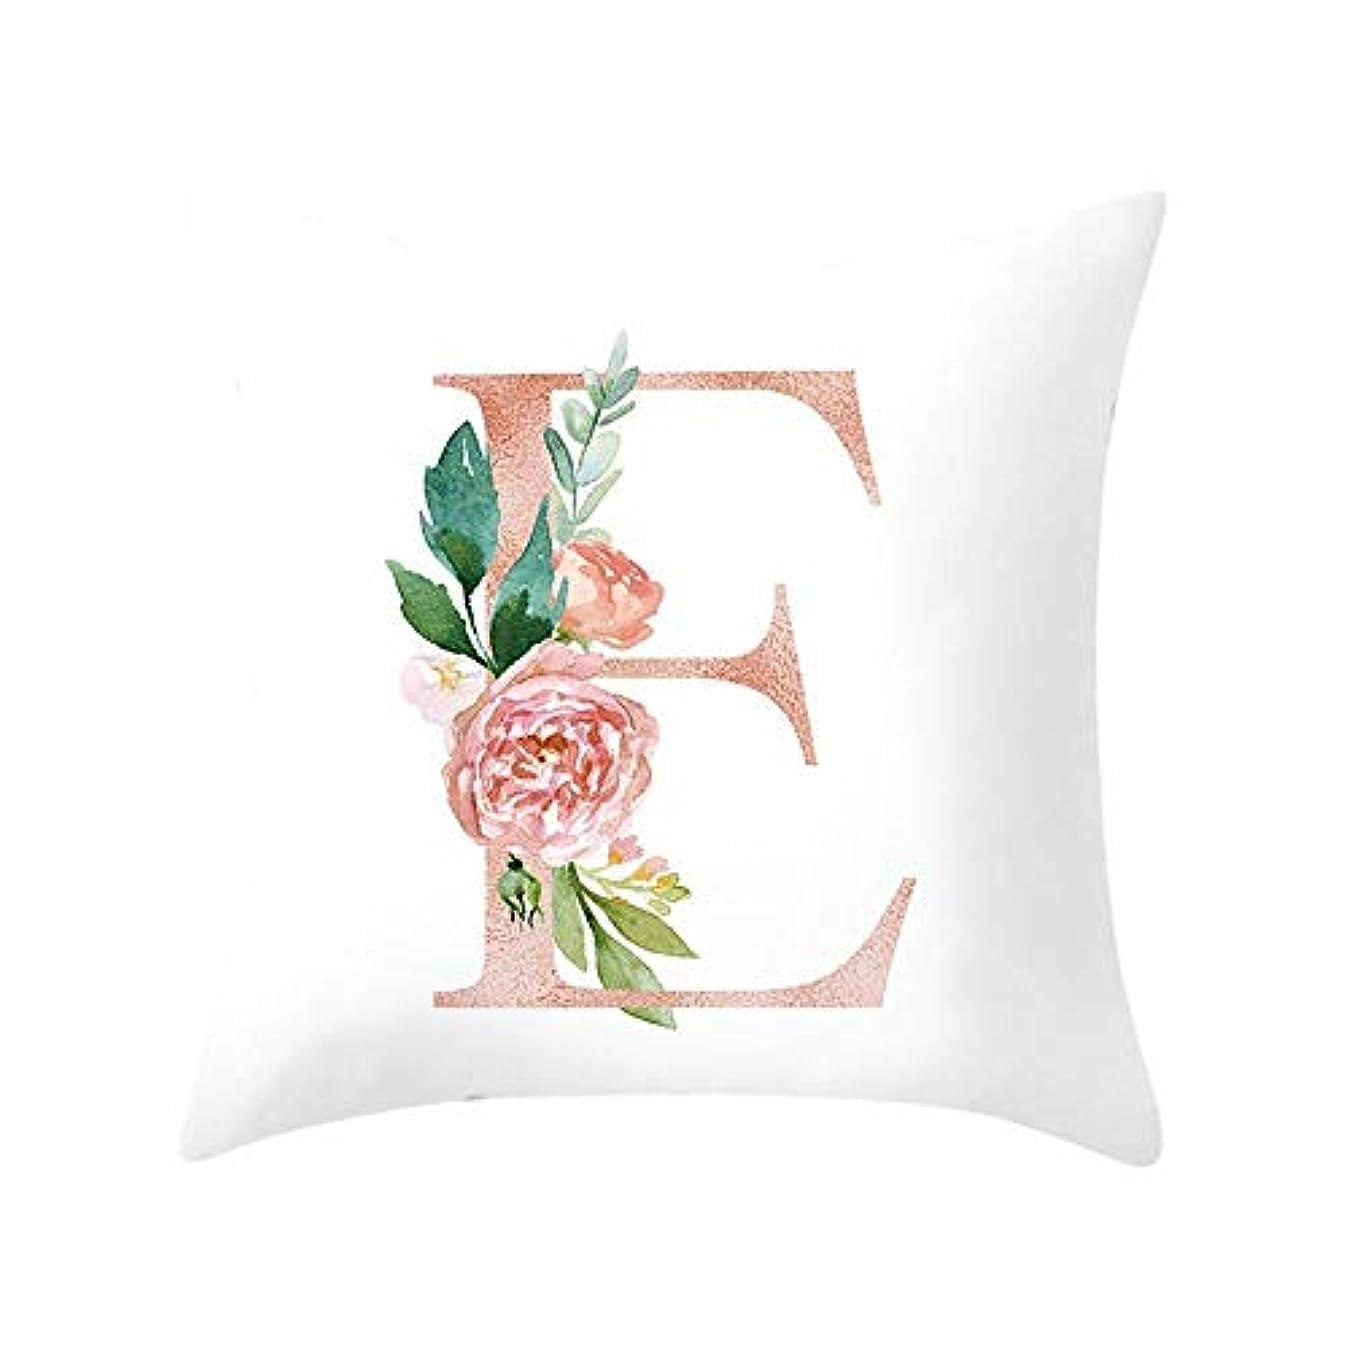 リース精緻化秀でるLIFE 装飾クッションソファ手紙枕アルファベットクッション印刷ソファ家の装飾の花枕 coussin decoratif クッション 椅子